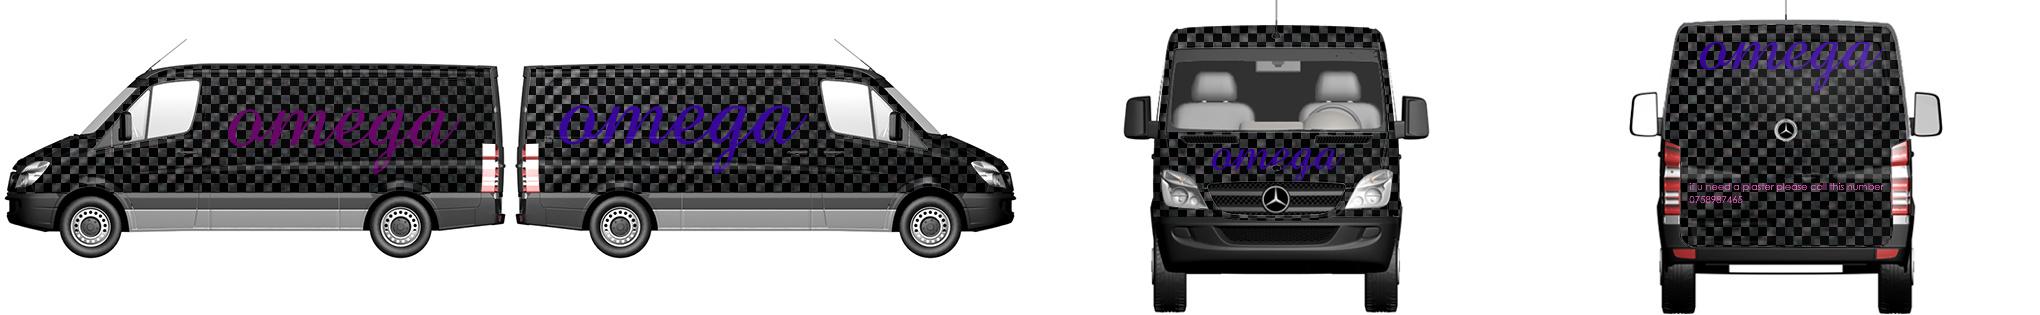 Van Wrap #51213